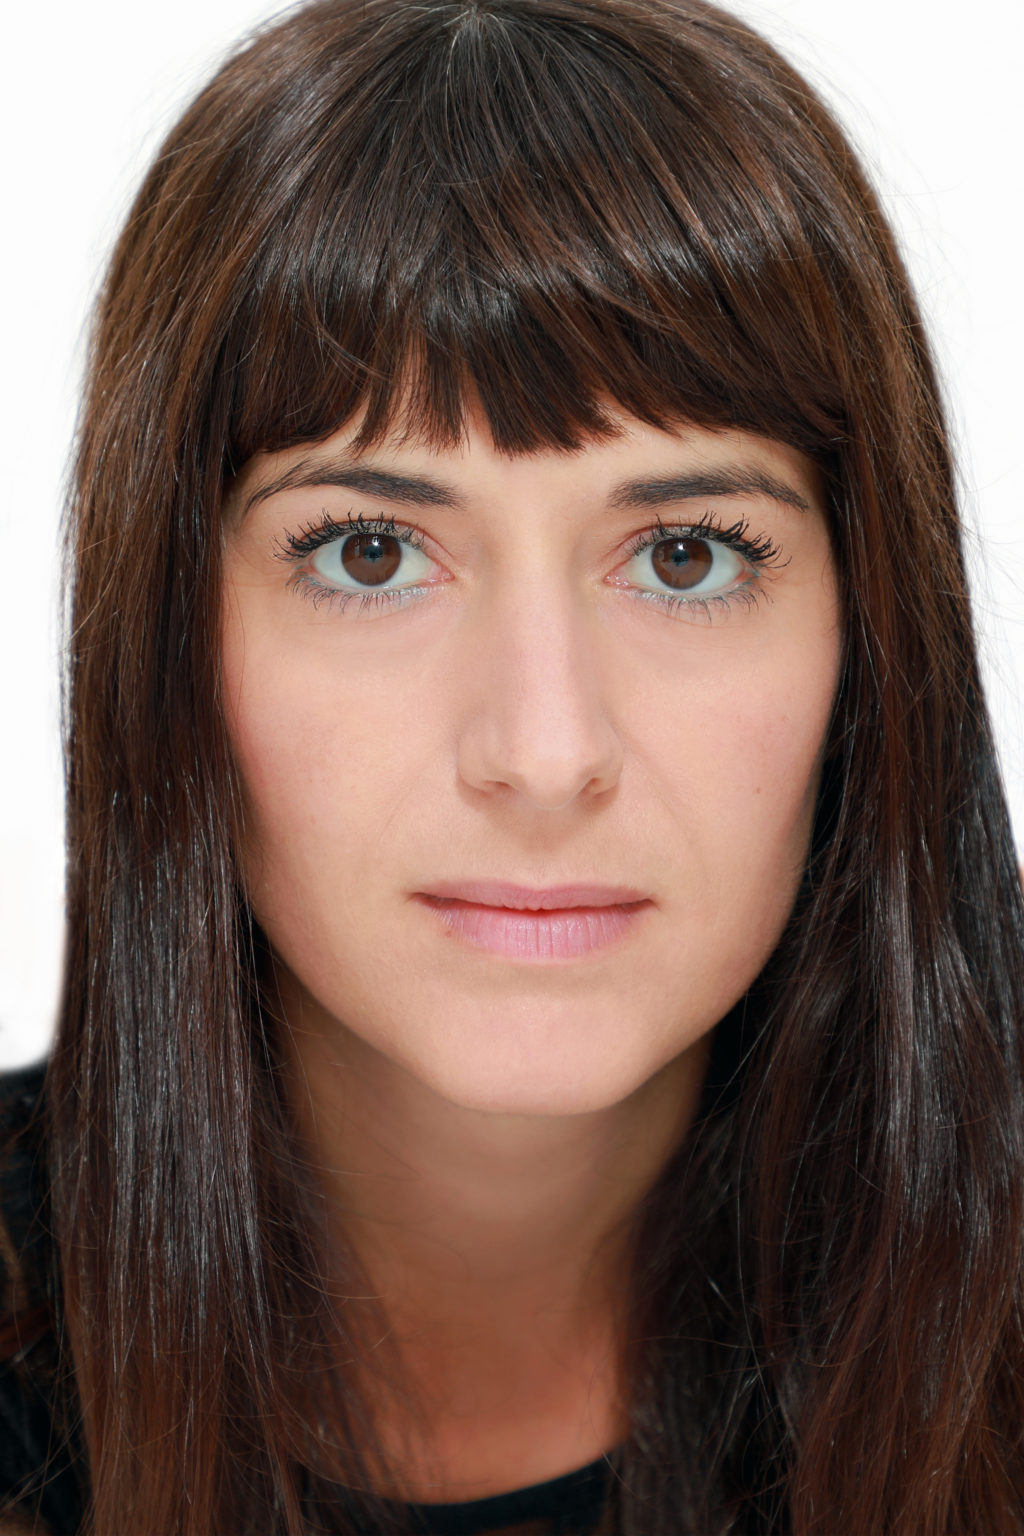 Viola VON SCARPETETTI